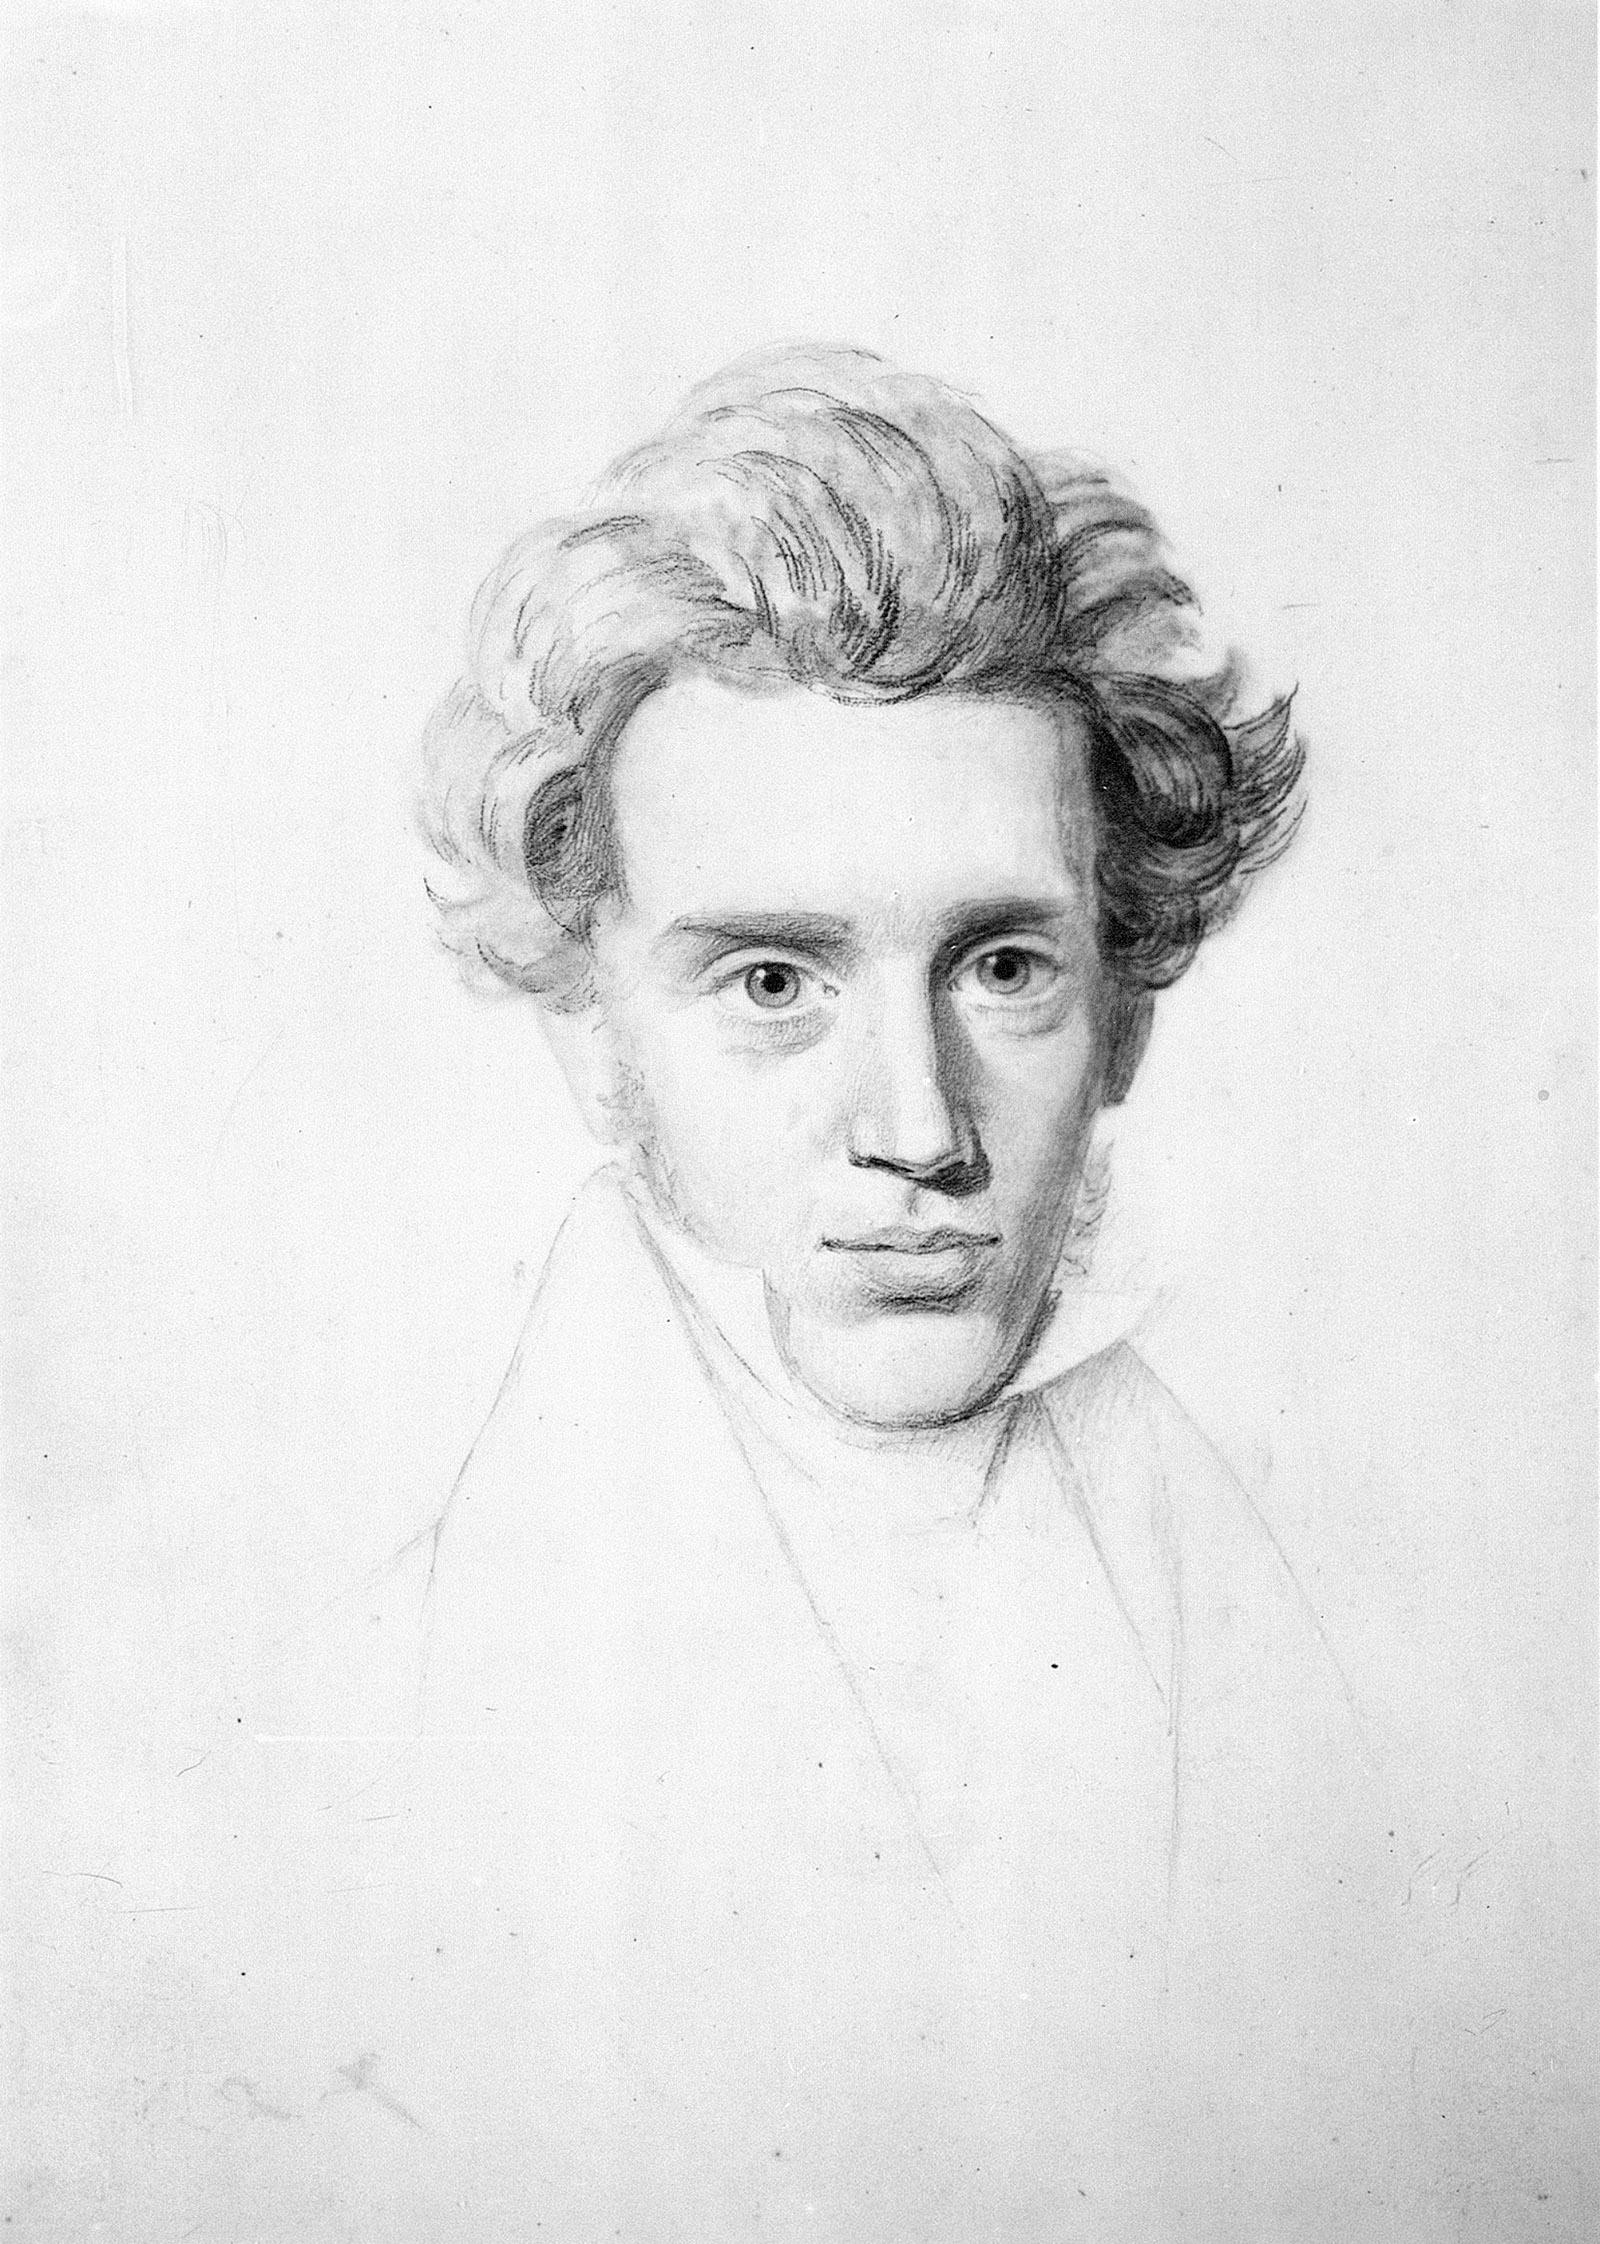 Søren Kierkegaard; drawing by Niels Christian Kierkegaard, circa 1840